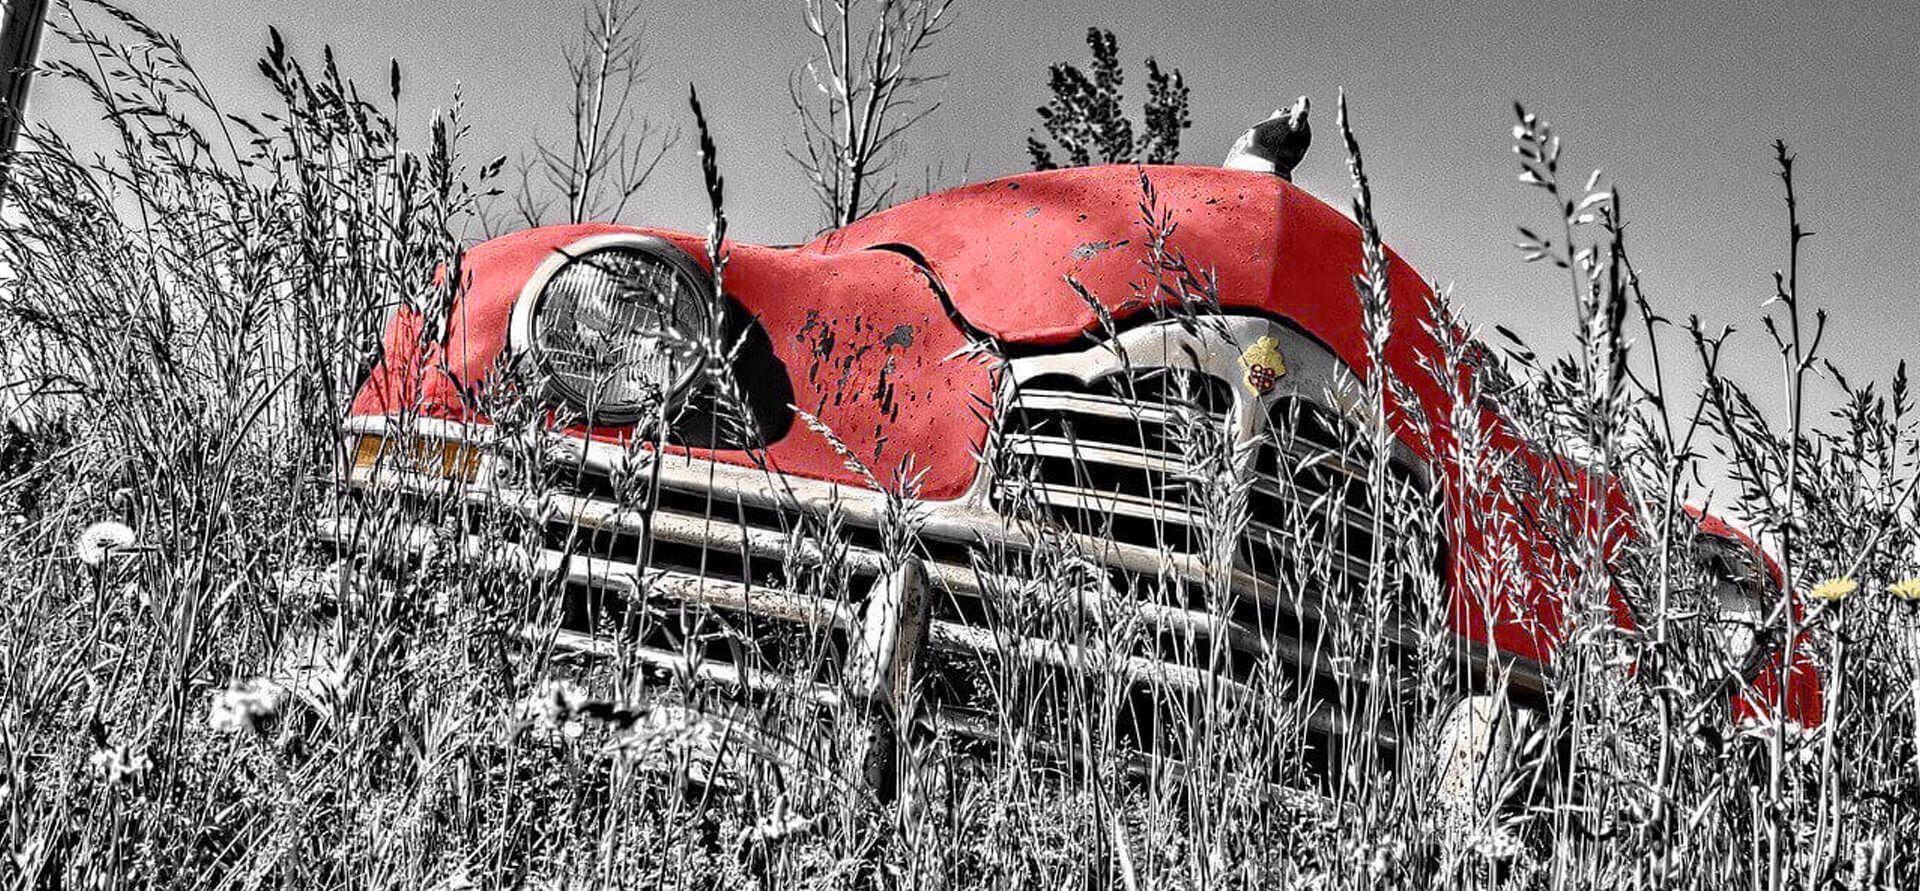 oldtimer red